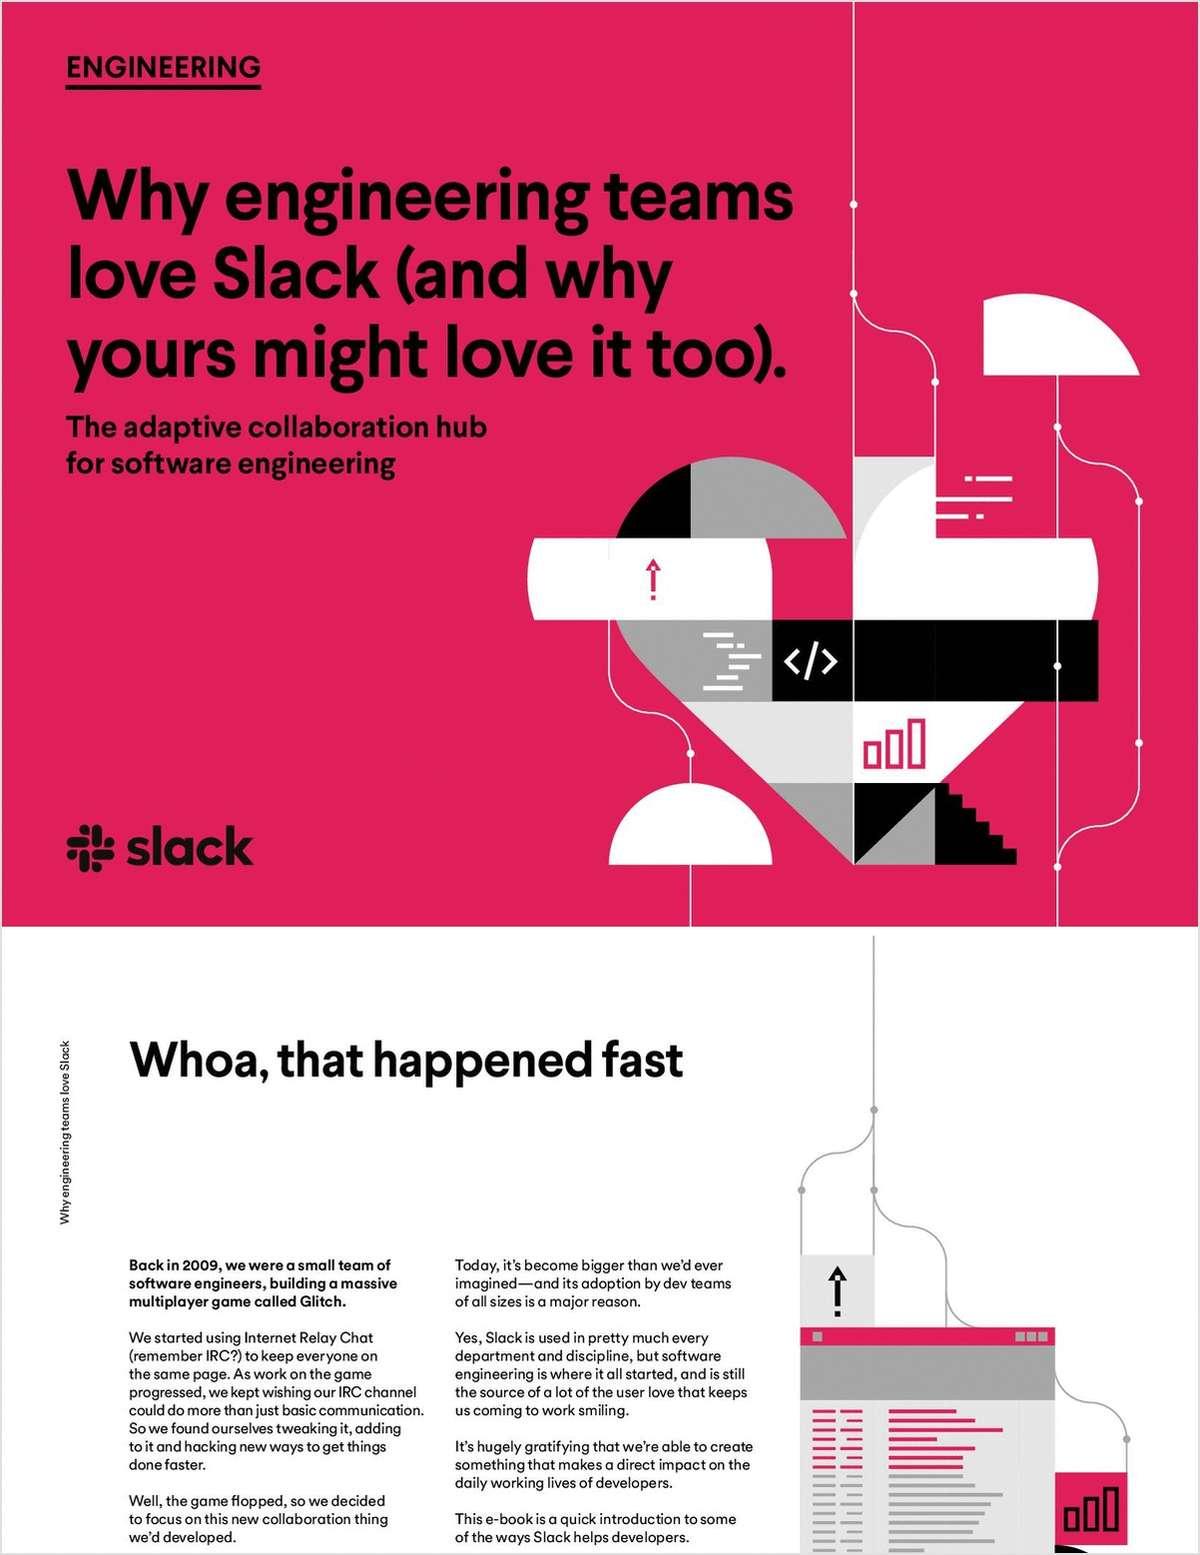 Why engineering teams love Slack